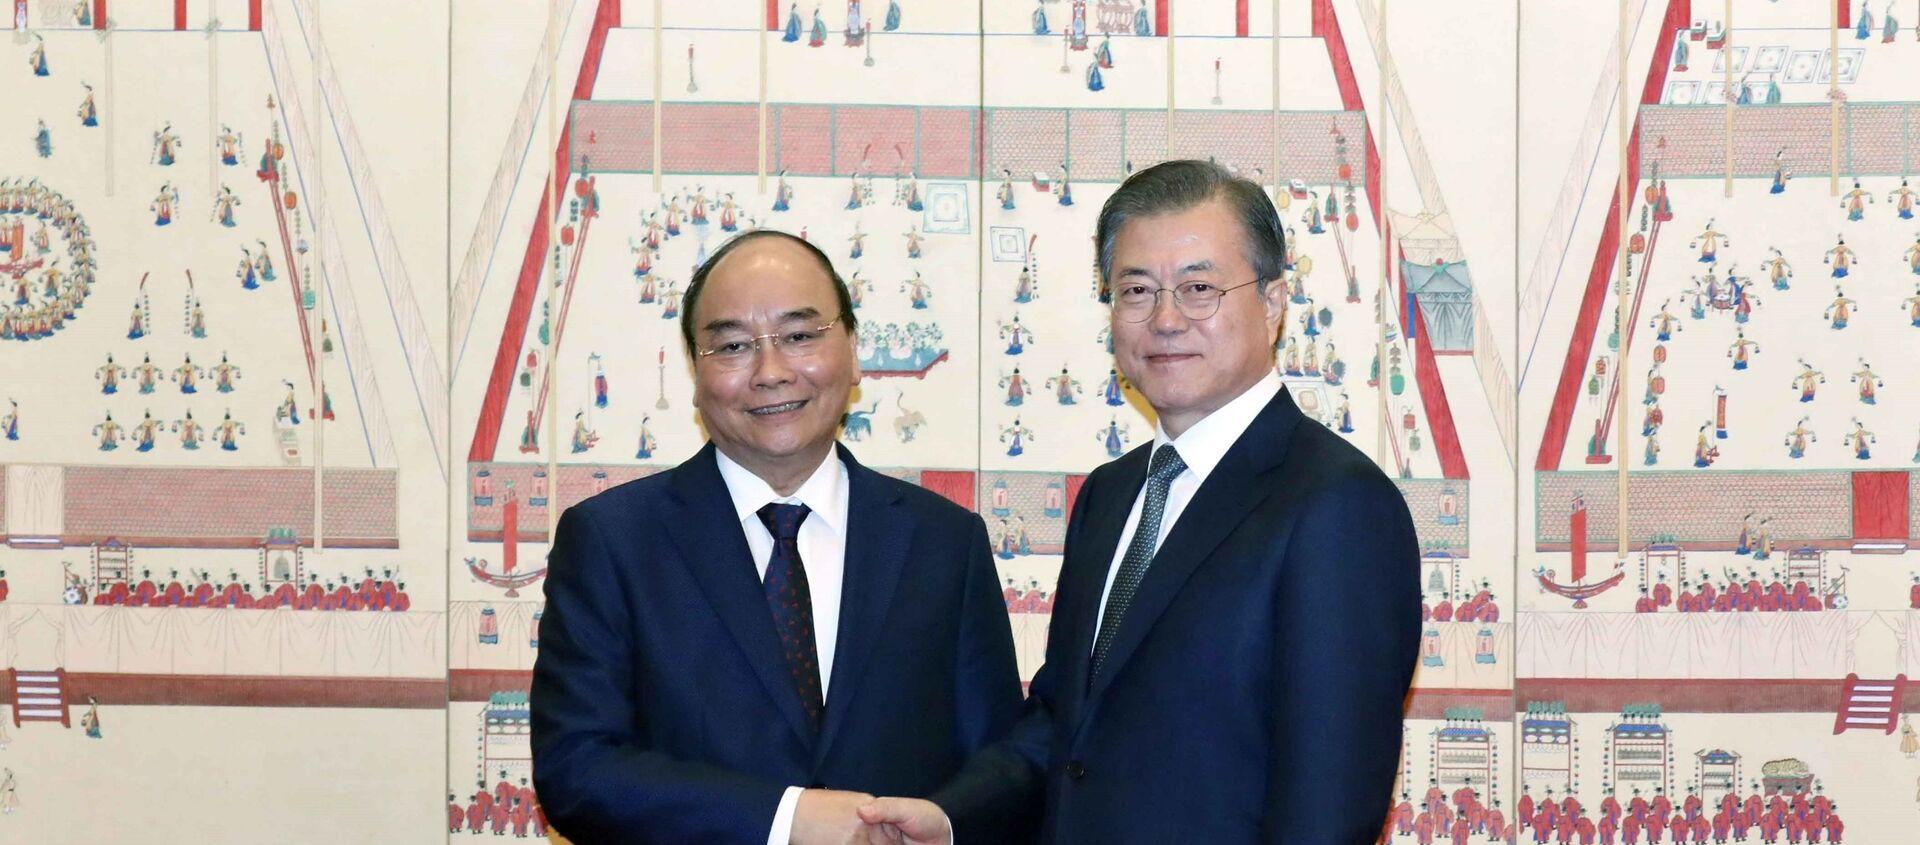 Tổng thống Hàn Quốc Moon Jae-in đón Thủ tướng Chính phủ Nguyễn Xuân Phúc.  - Sputnik Việt Nam, 1920, 28.11.2019